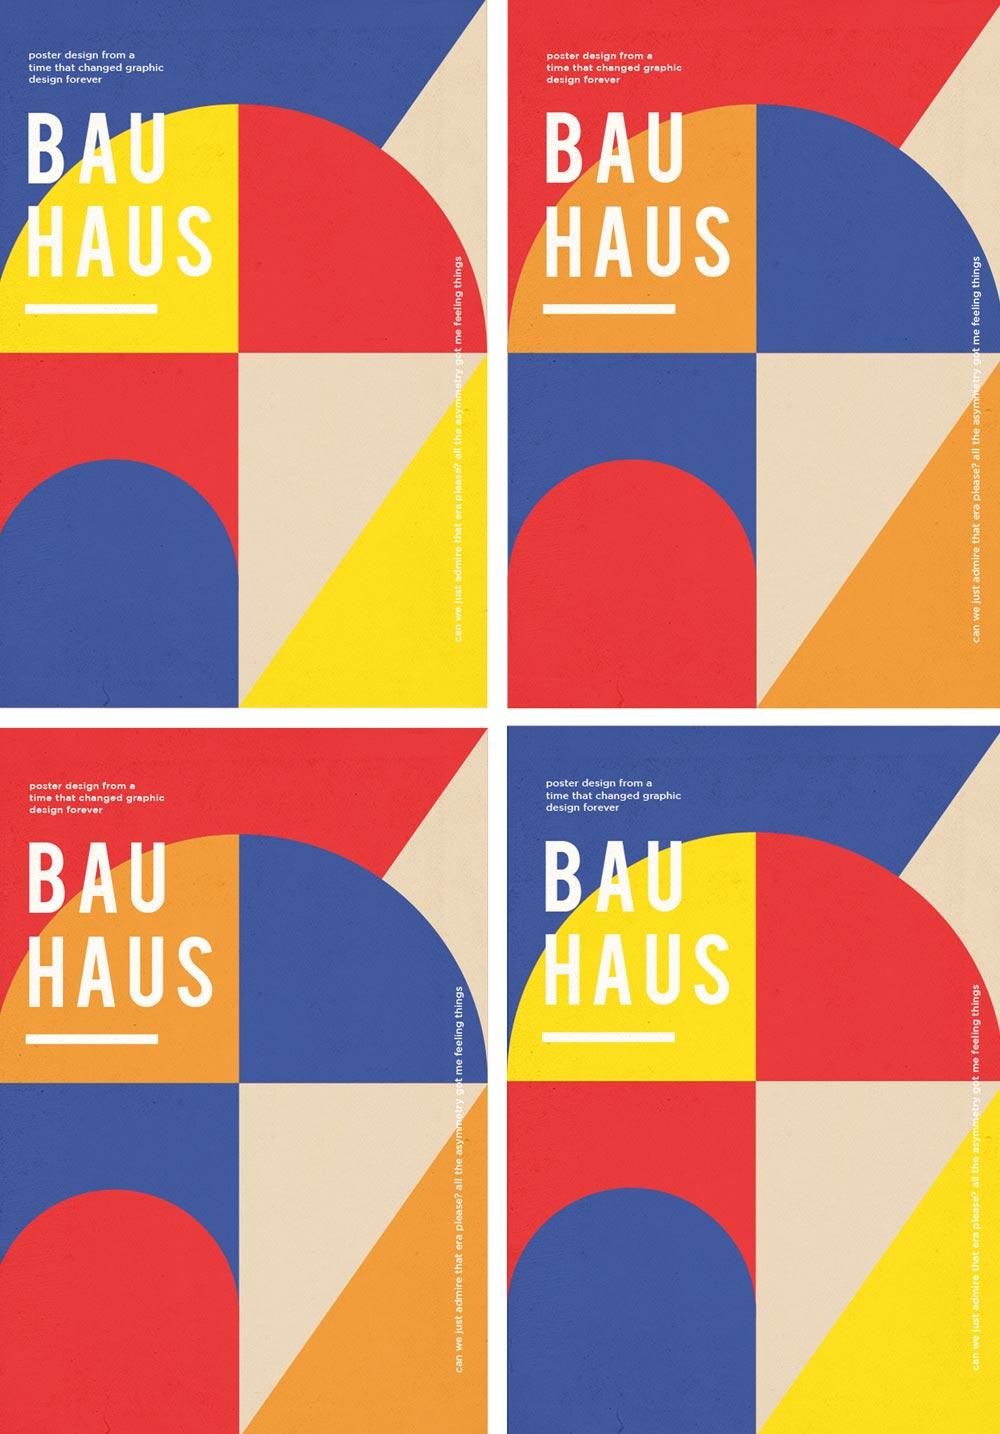 Bauhaus Poster Concepts by Dina El Geweli